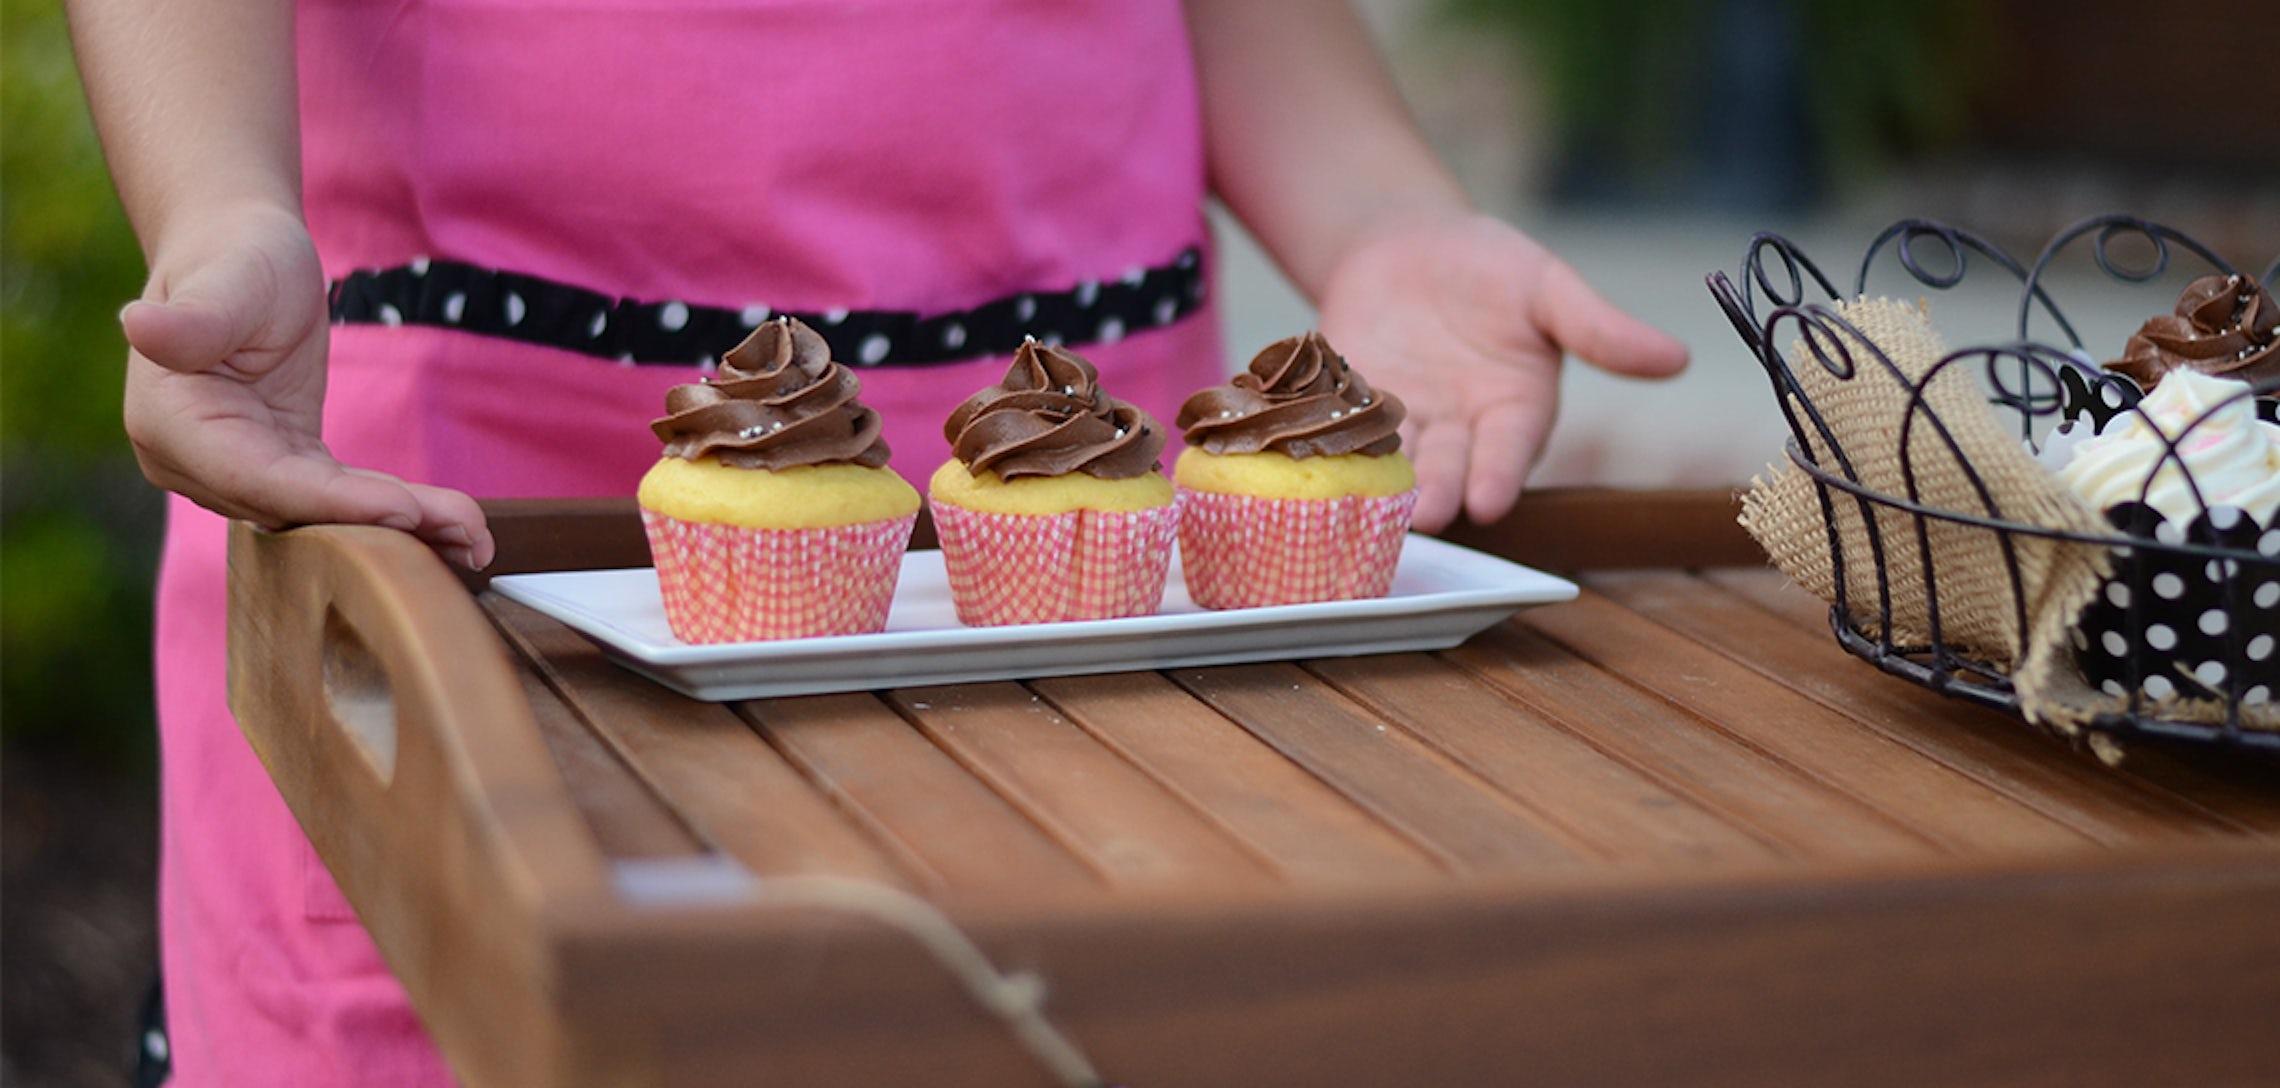 Aimees Pretty Palate Bake Up Summer Fun